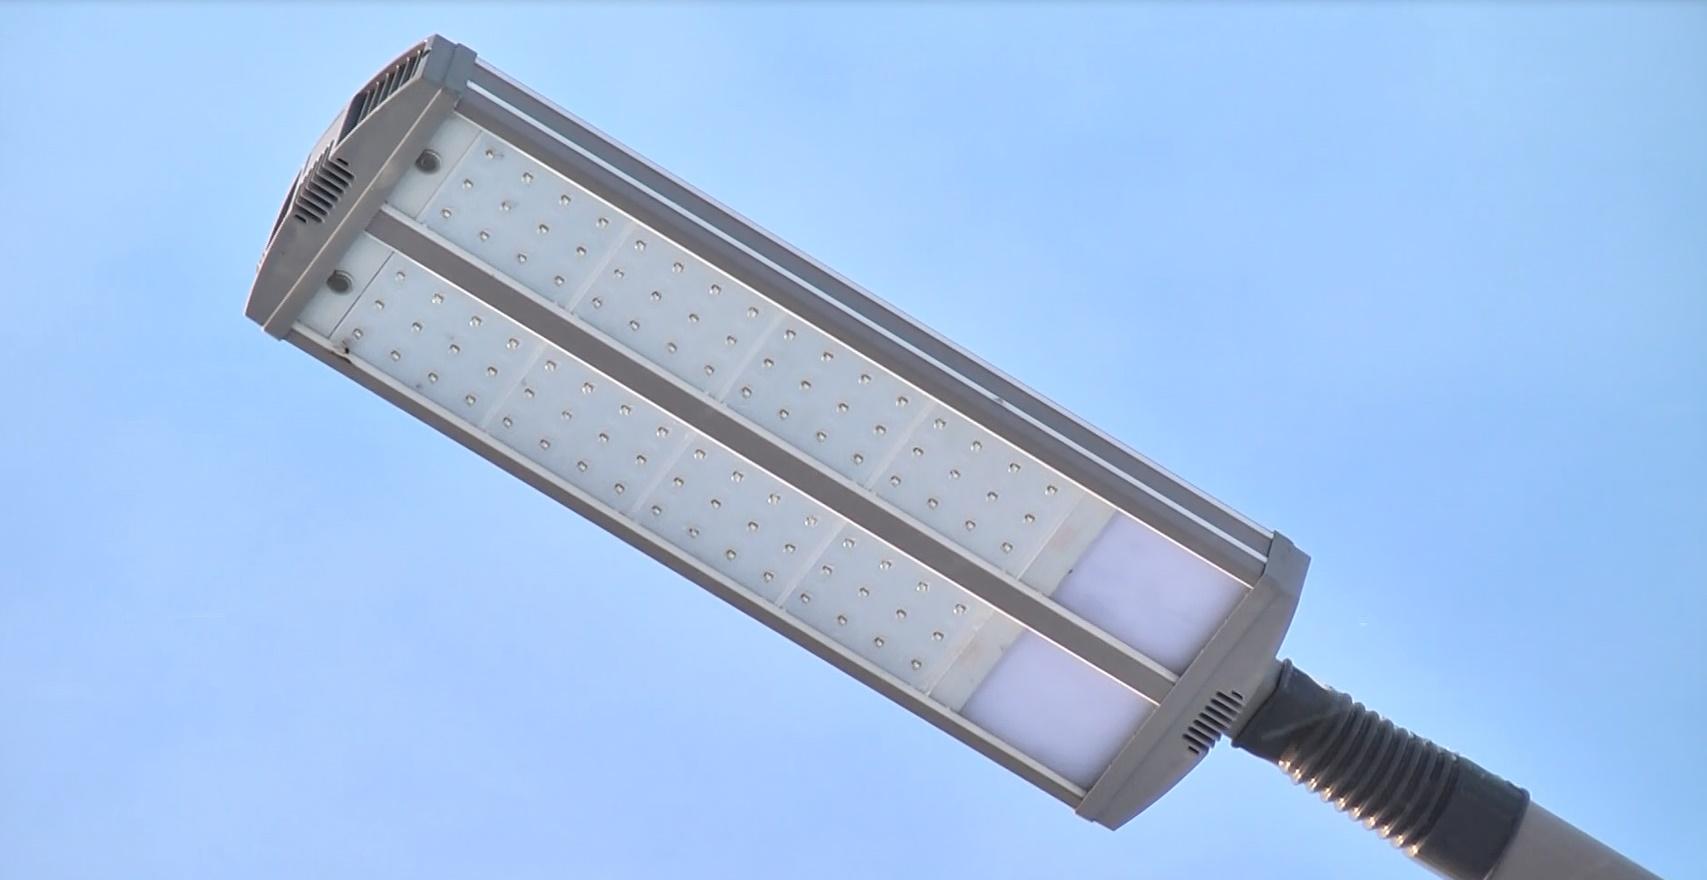 В Ярославской области установят около 20 тысяч современных уличных светильников